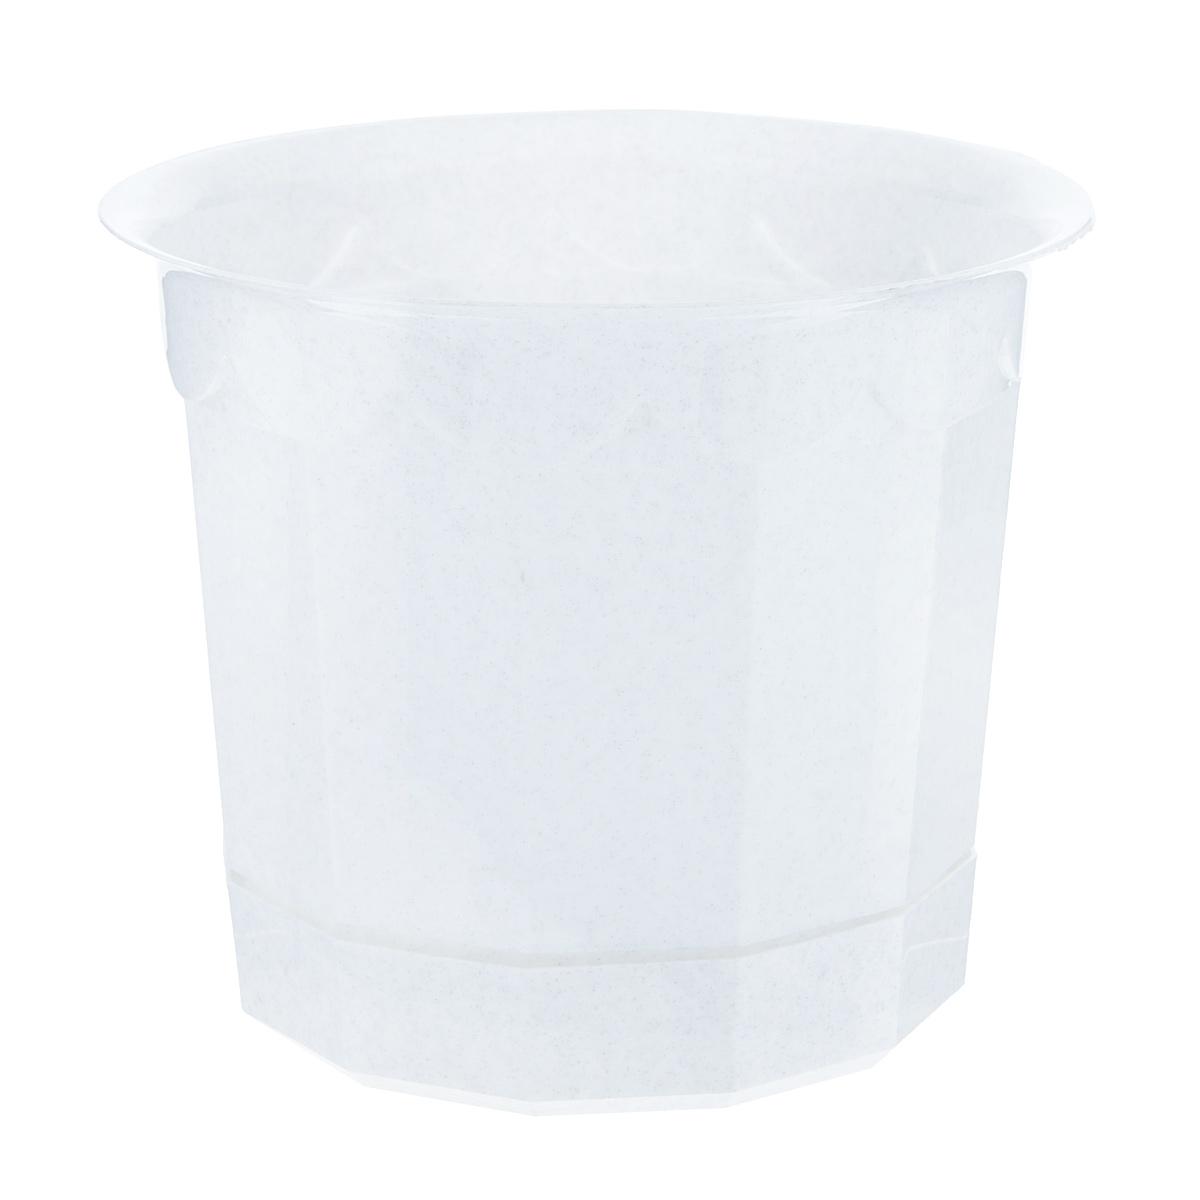 Горшок для цветов Полимербыт, с поддоном, диаметр 16 смС184Горшок для цветов Полимербыт изготовлен из прочного пластика с расцветкой под мрамор. Снабжен поддоном для стока воды. Изделие прекрасно подходит для выращивания растений и цветов в домашних условиях.